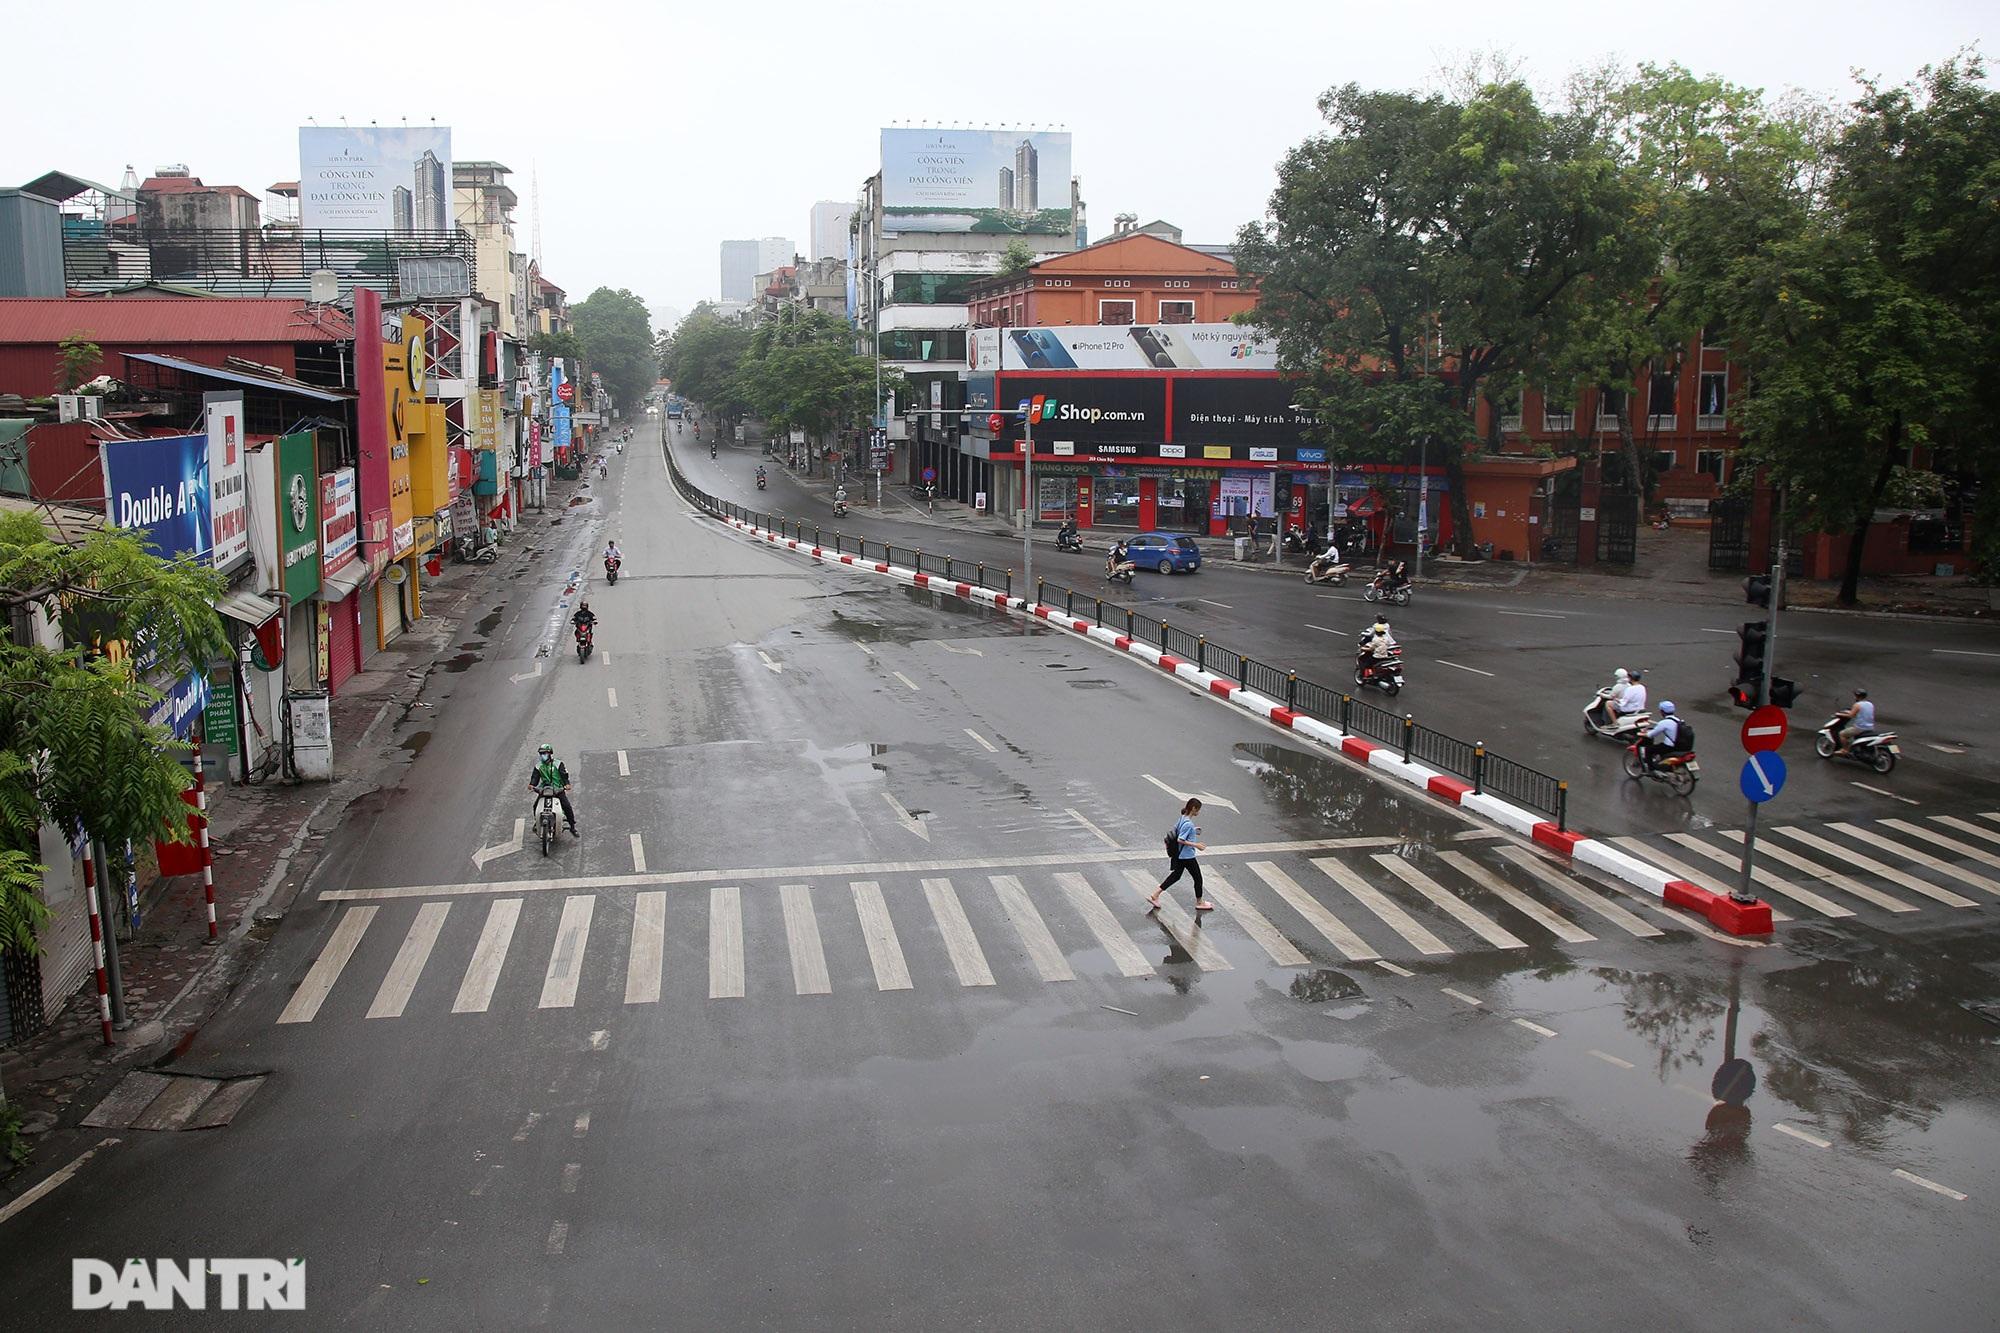 Lo ngại dịch bệnh Covid-19 lây lan, người dân Hà Nội cố thủ trong nhà - 4